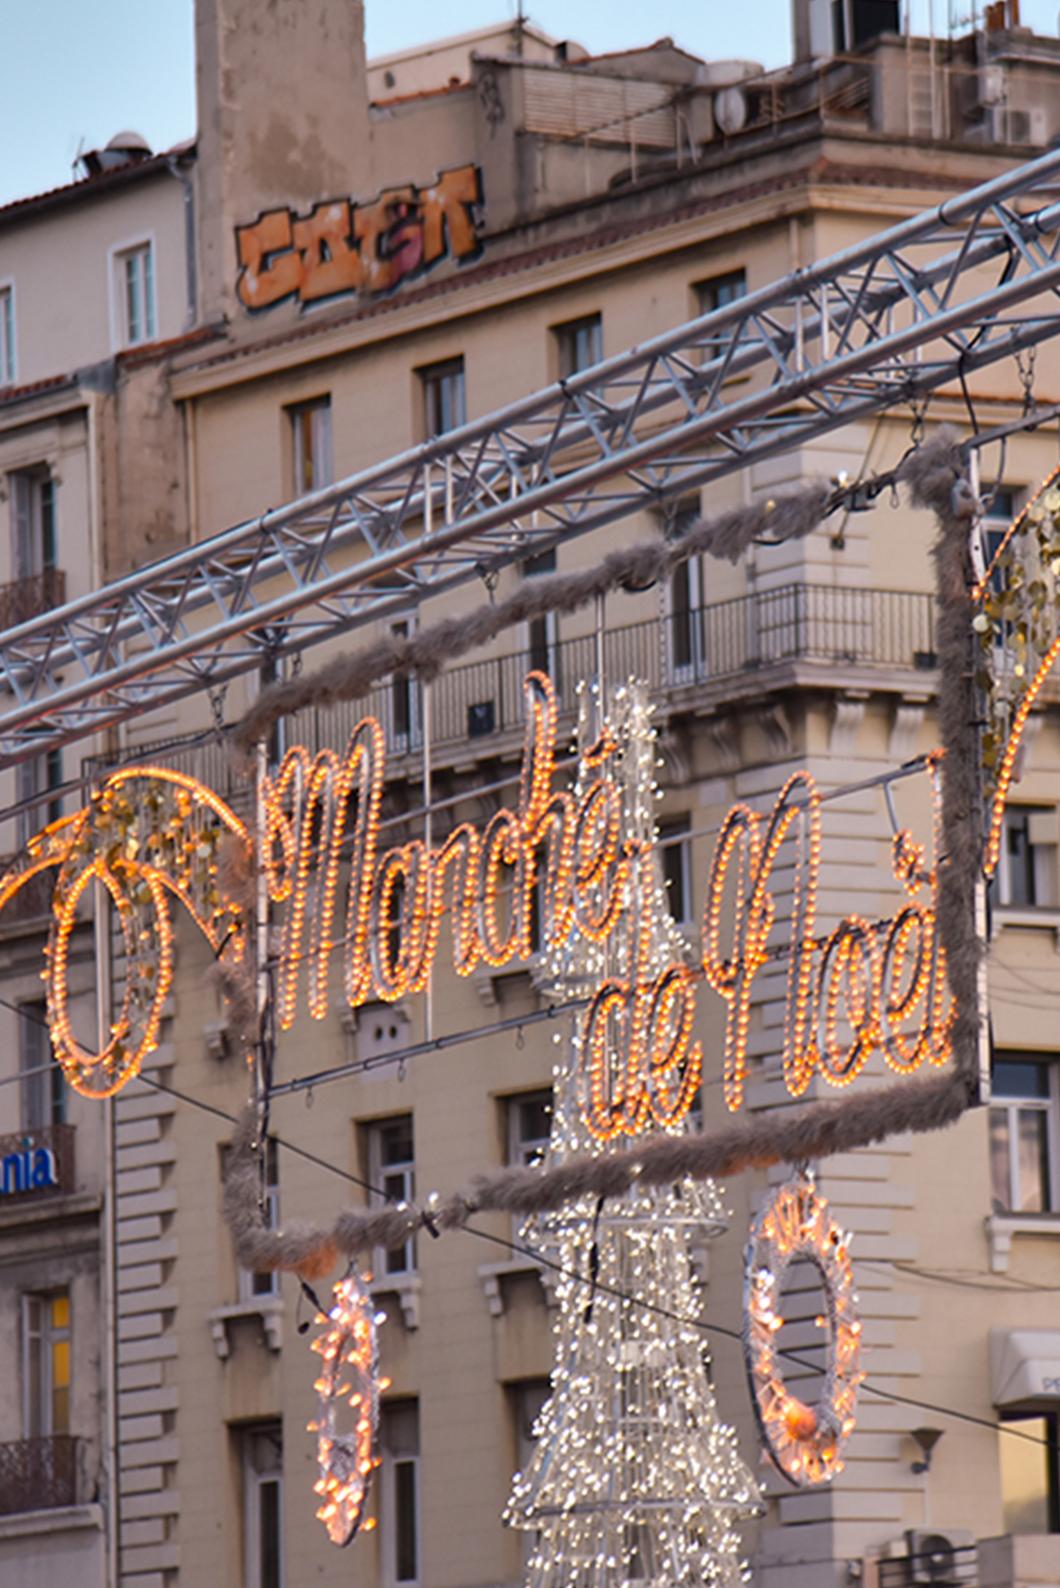 La foire aux santons, incontournable à Marseille à Noël